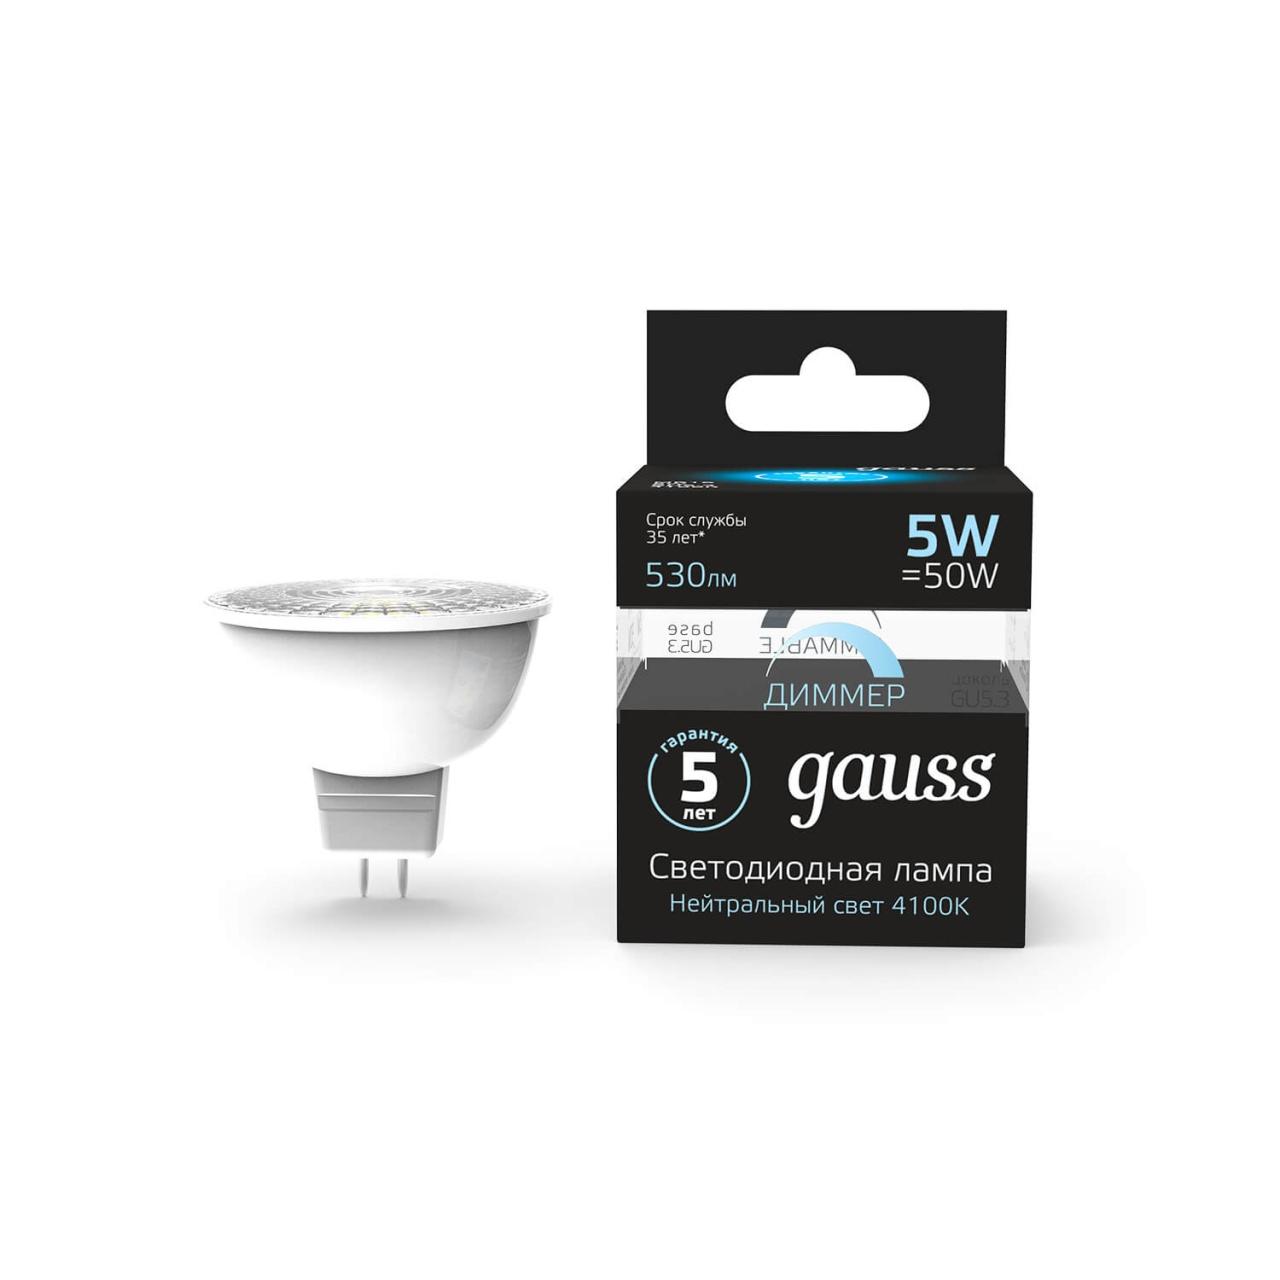 Лампа cветодиодная диммируемая Gauss GU5.3 5W 4100K матовая 101505205-D лампа светодиодная gauss 101505205 d